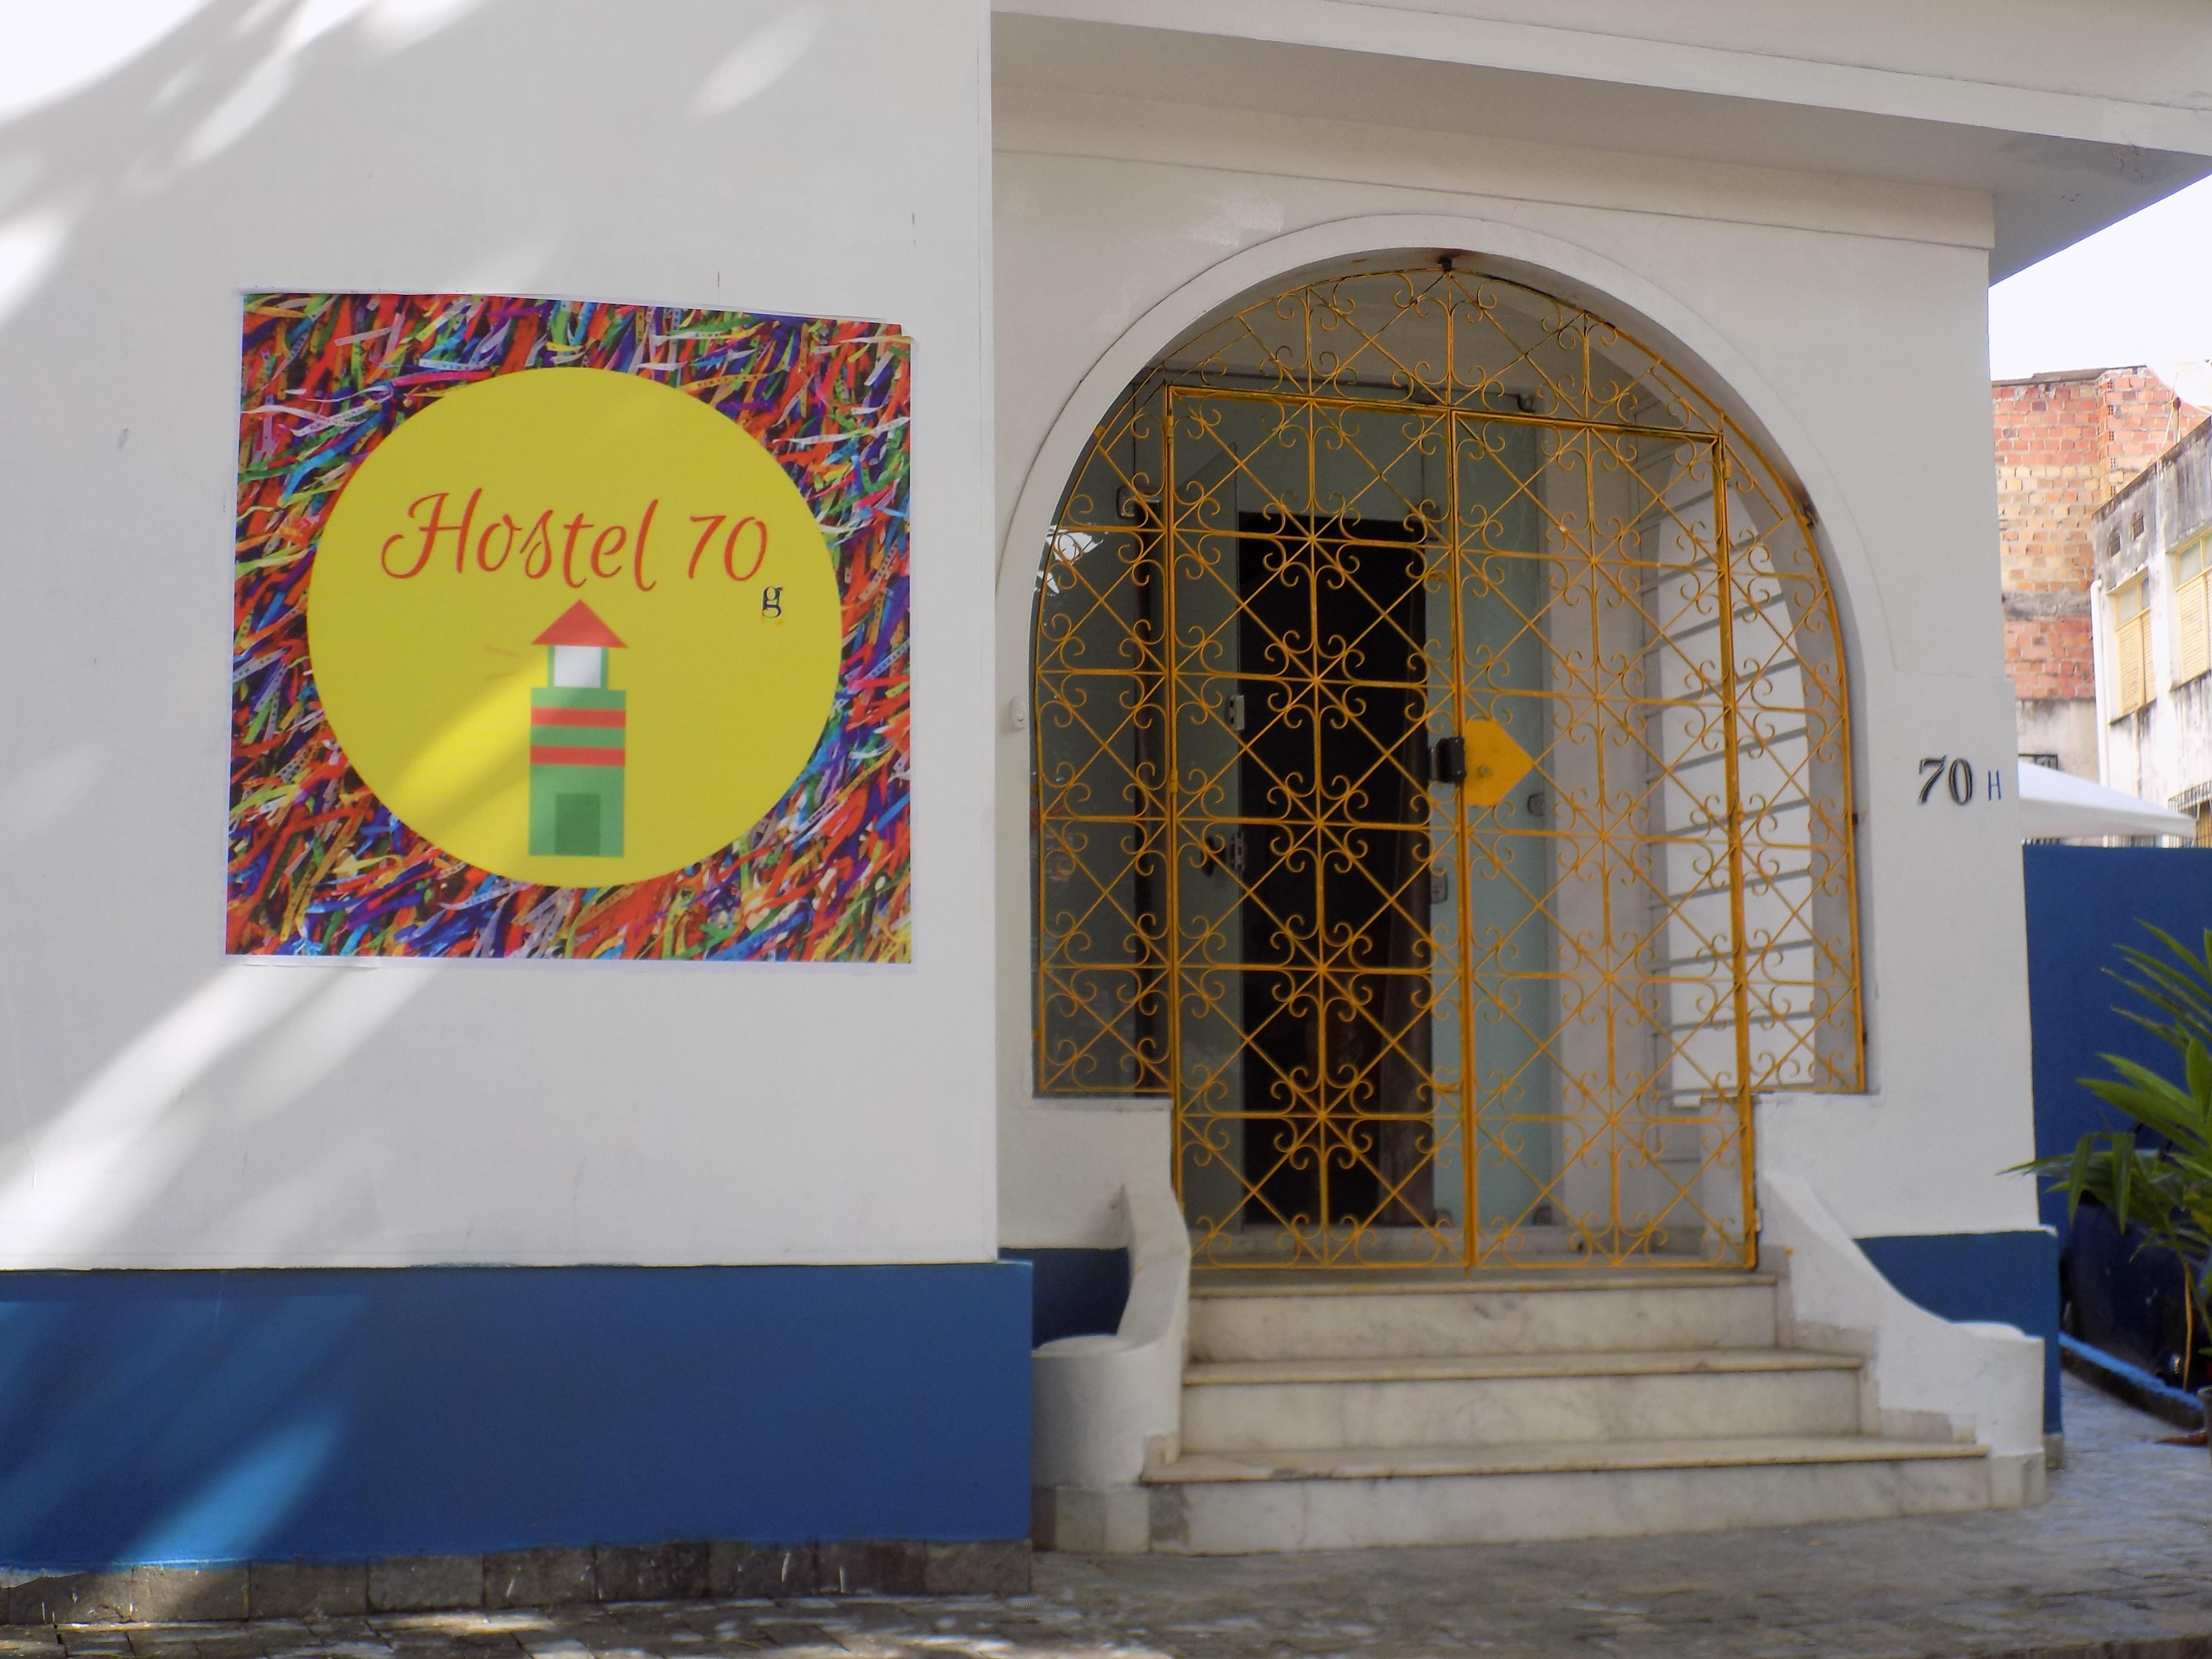 HOSTEL - Hostel 70